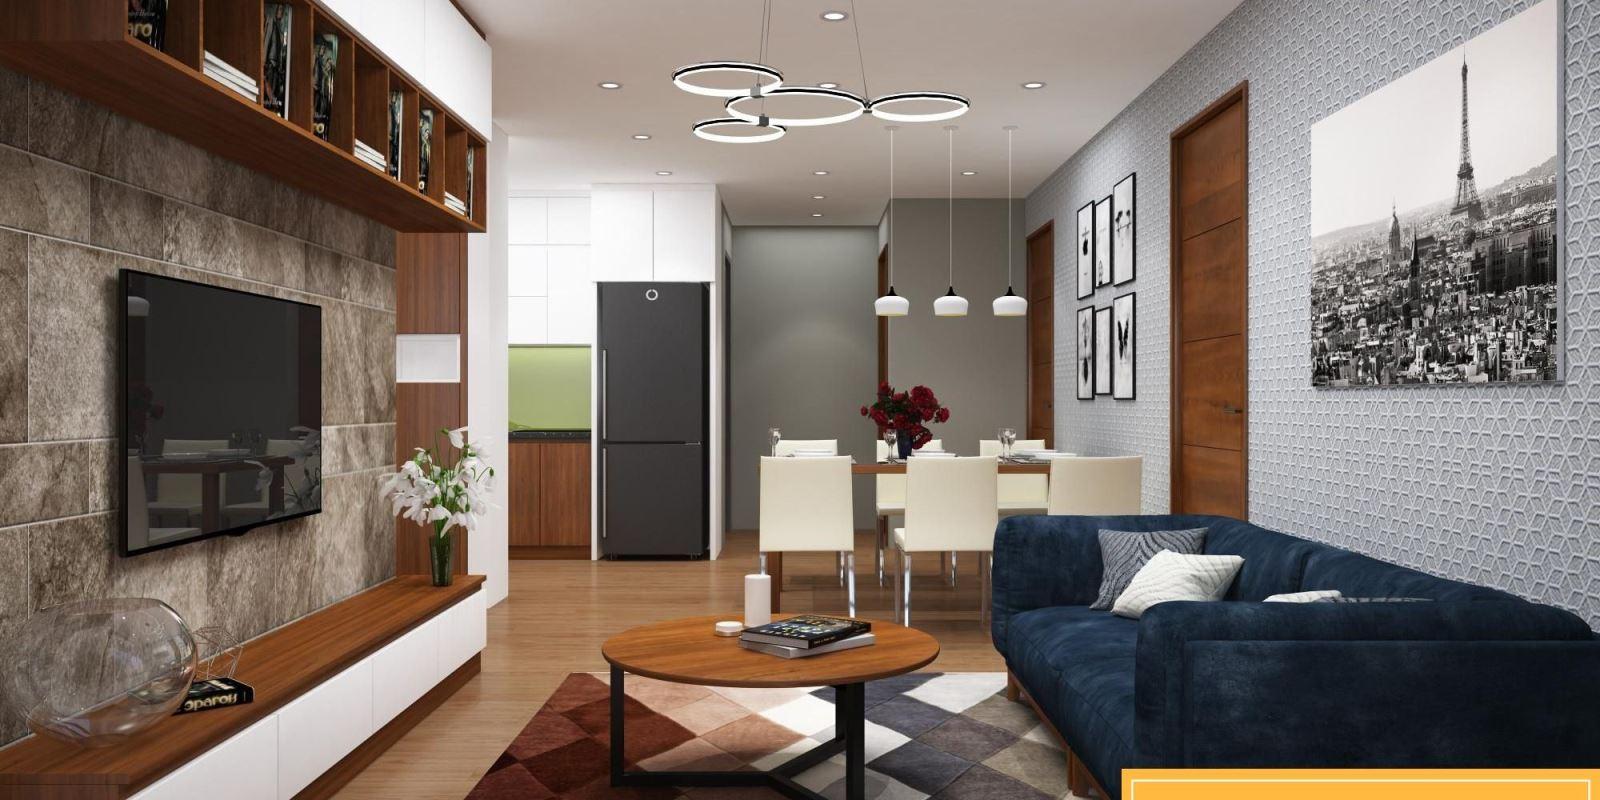 Thiết kế nội thất căn hộ 90m2 6